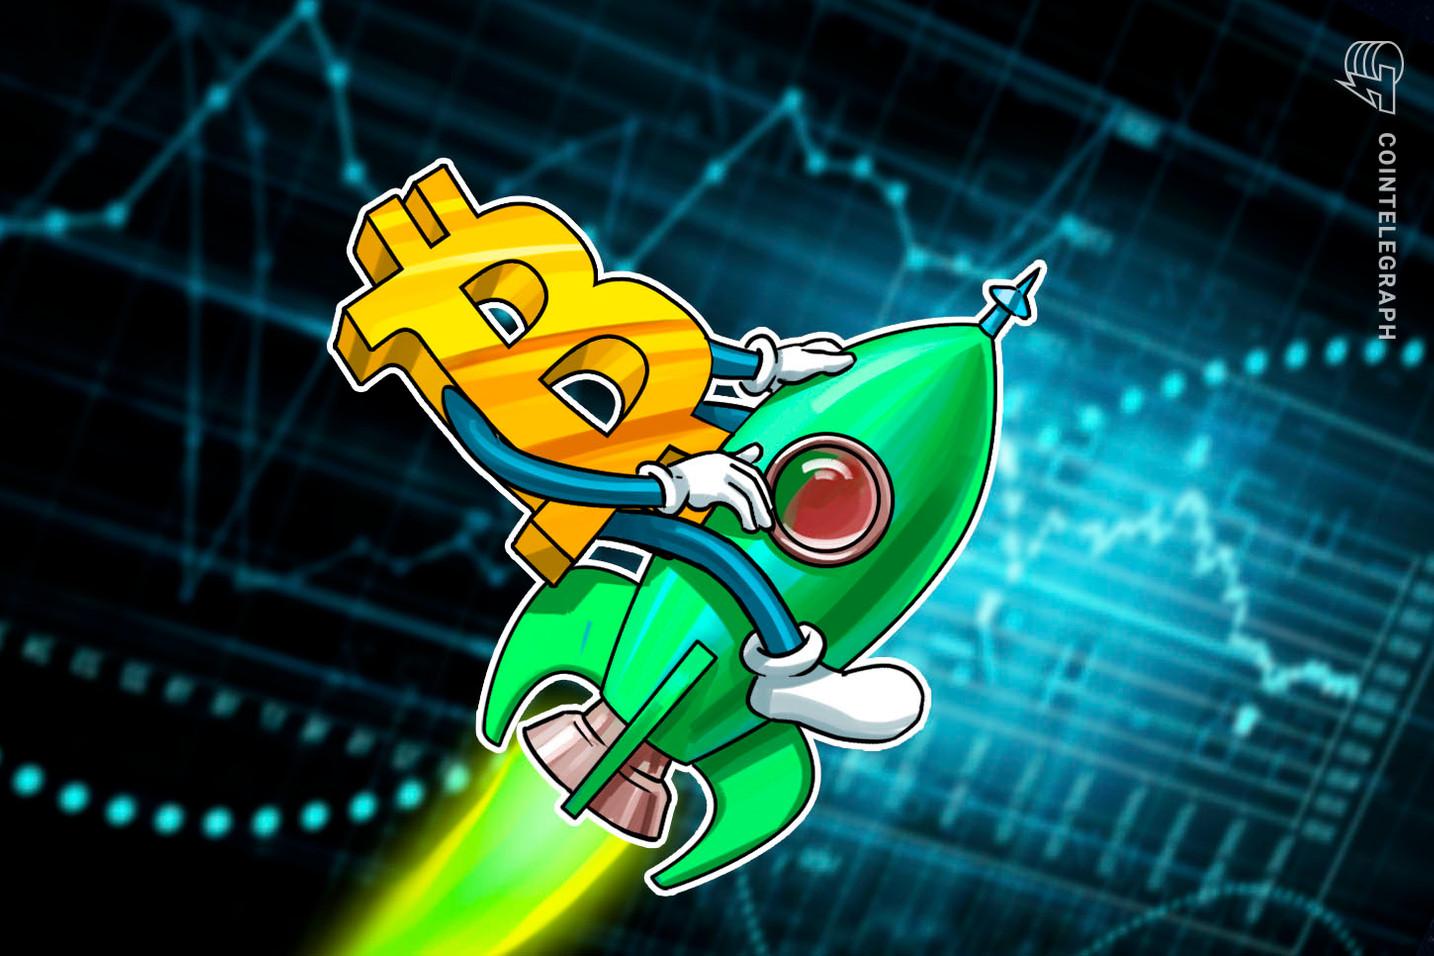 Volle Kraft voraus! – Die drei Faktoren hinter dem Aufschwung von Bitcoin